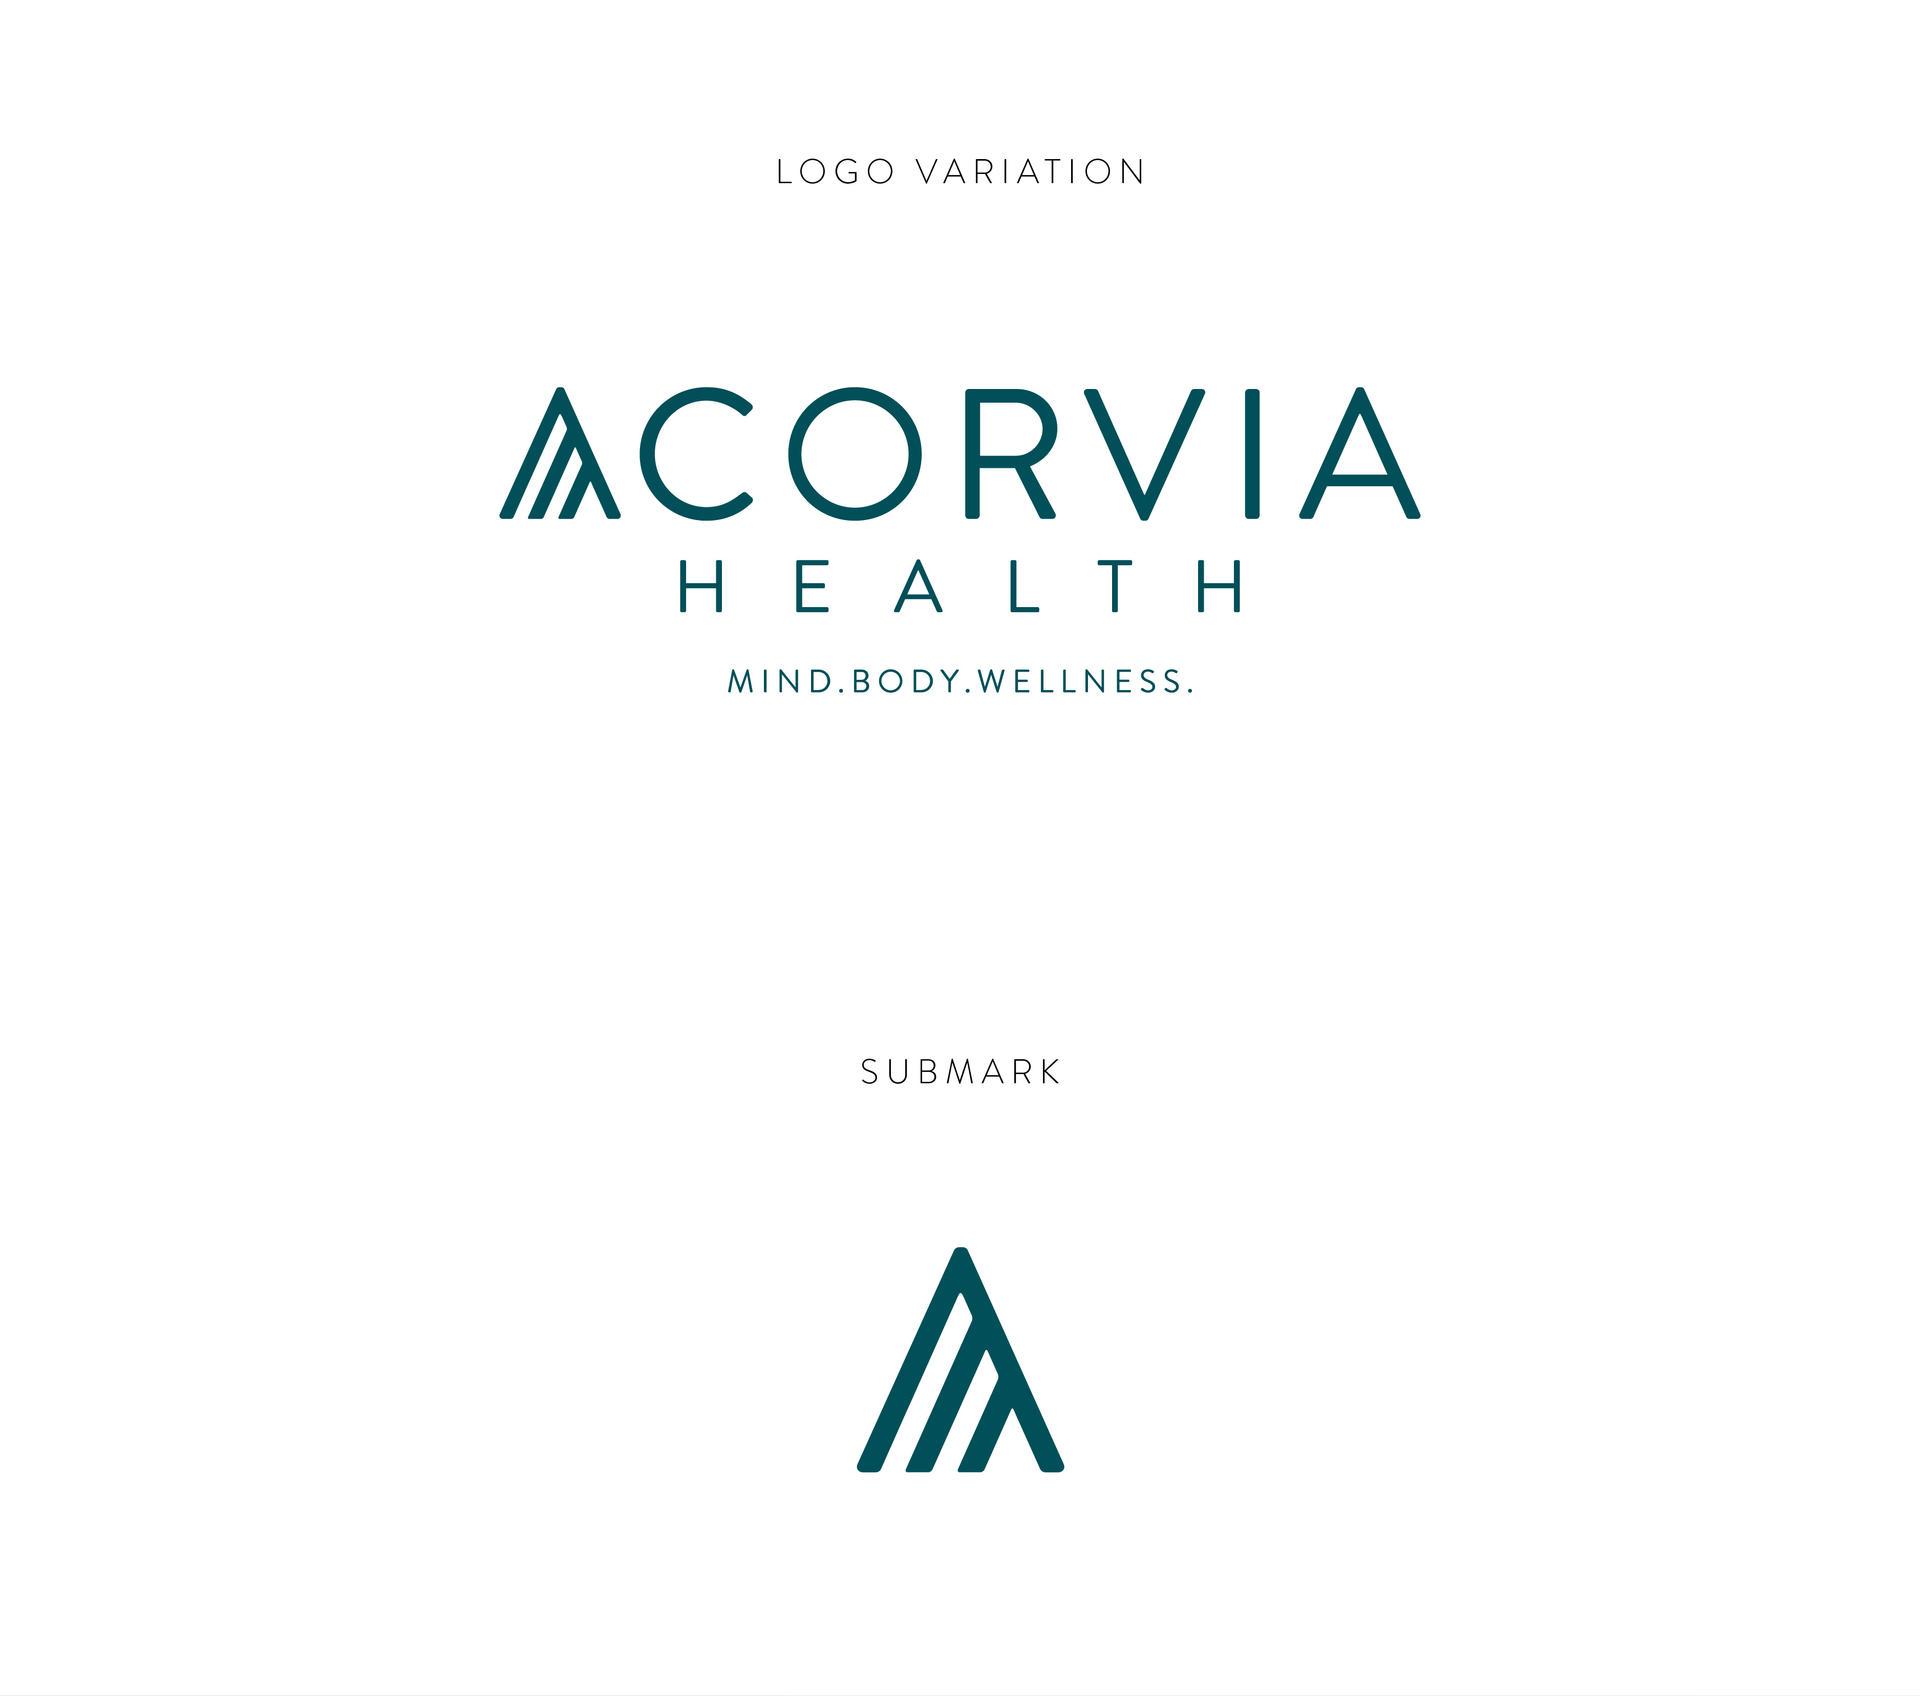 Acorvia Health Logo & Variation